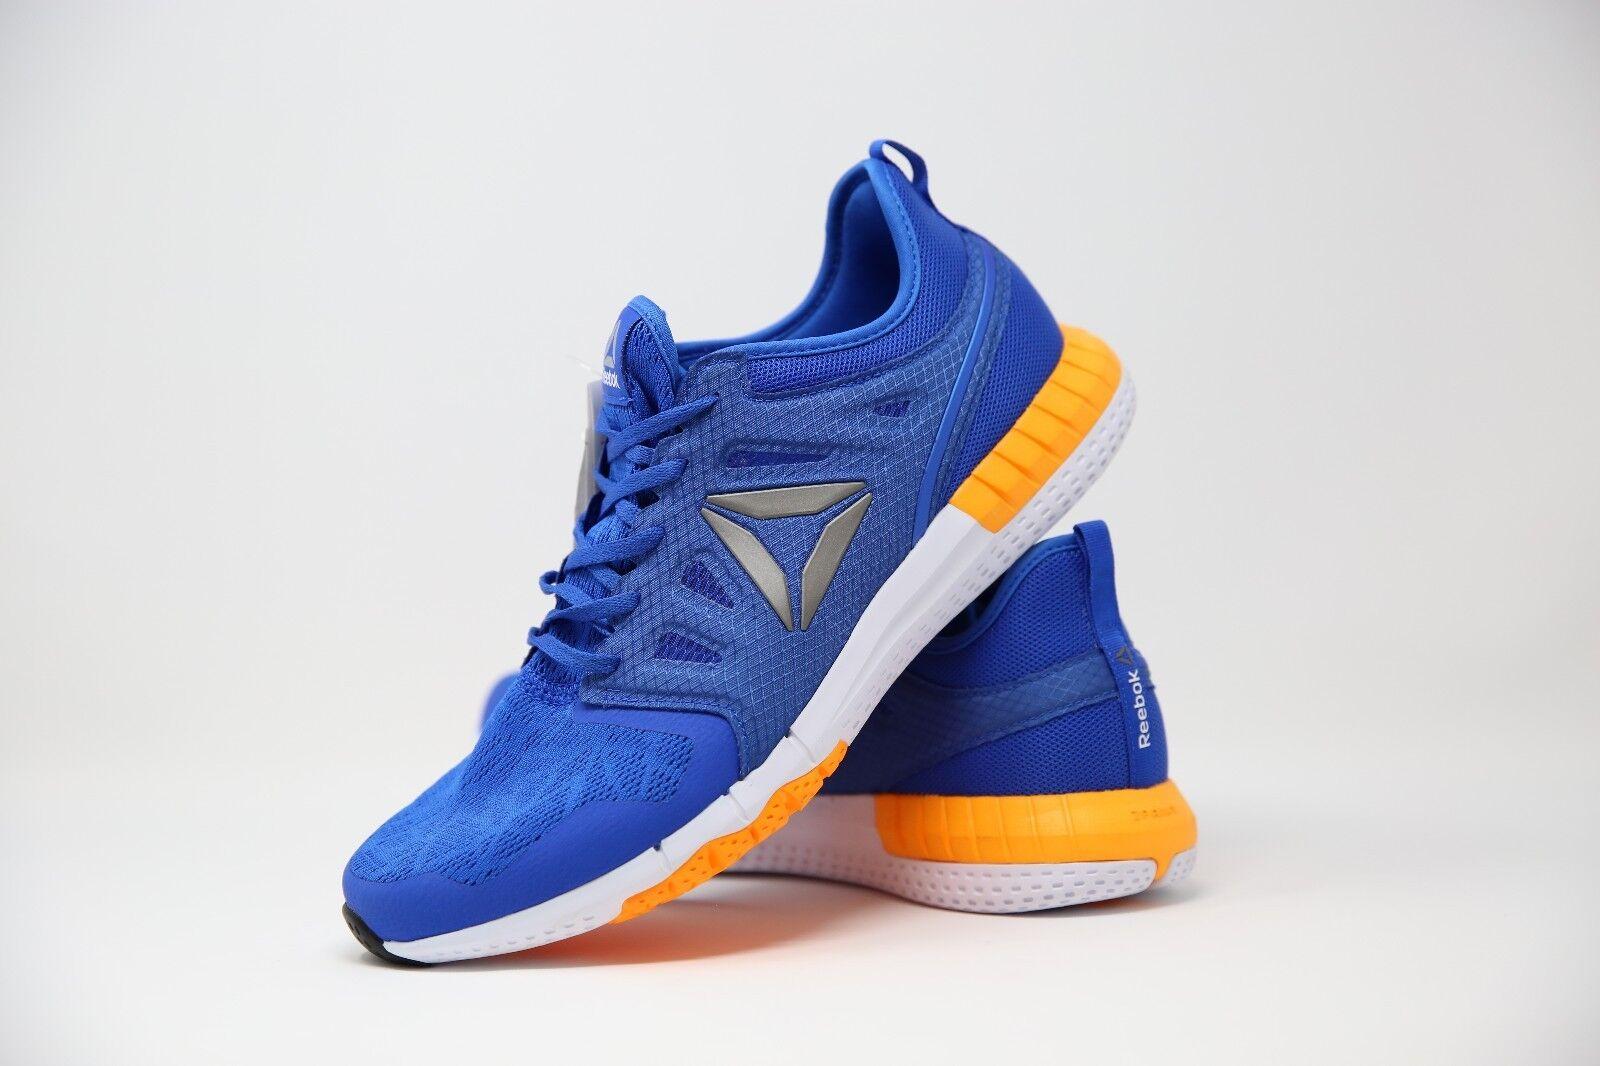 Reebok Uomini Blu e 44 Arancione zprint Scarpe Da Ginnastica Misura EU 44 e Scarpe classiche da uomo 00d662